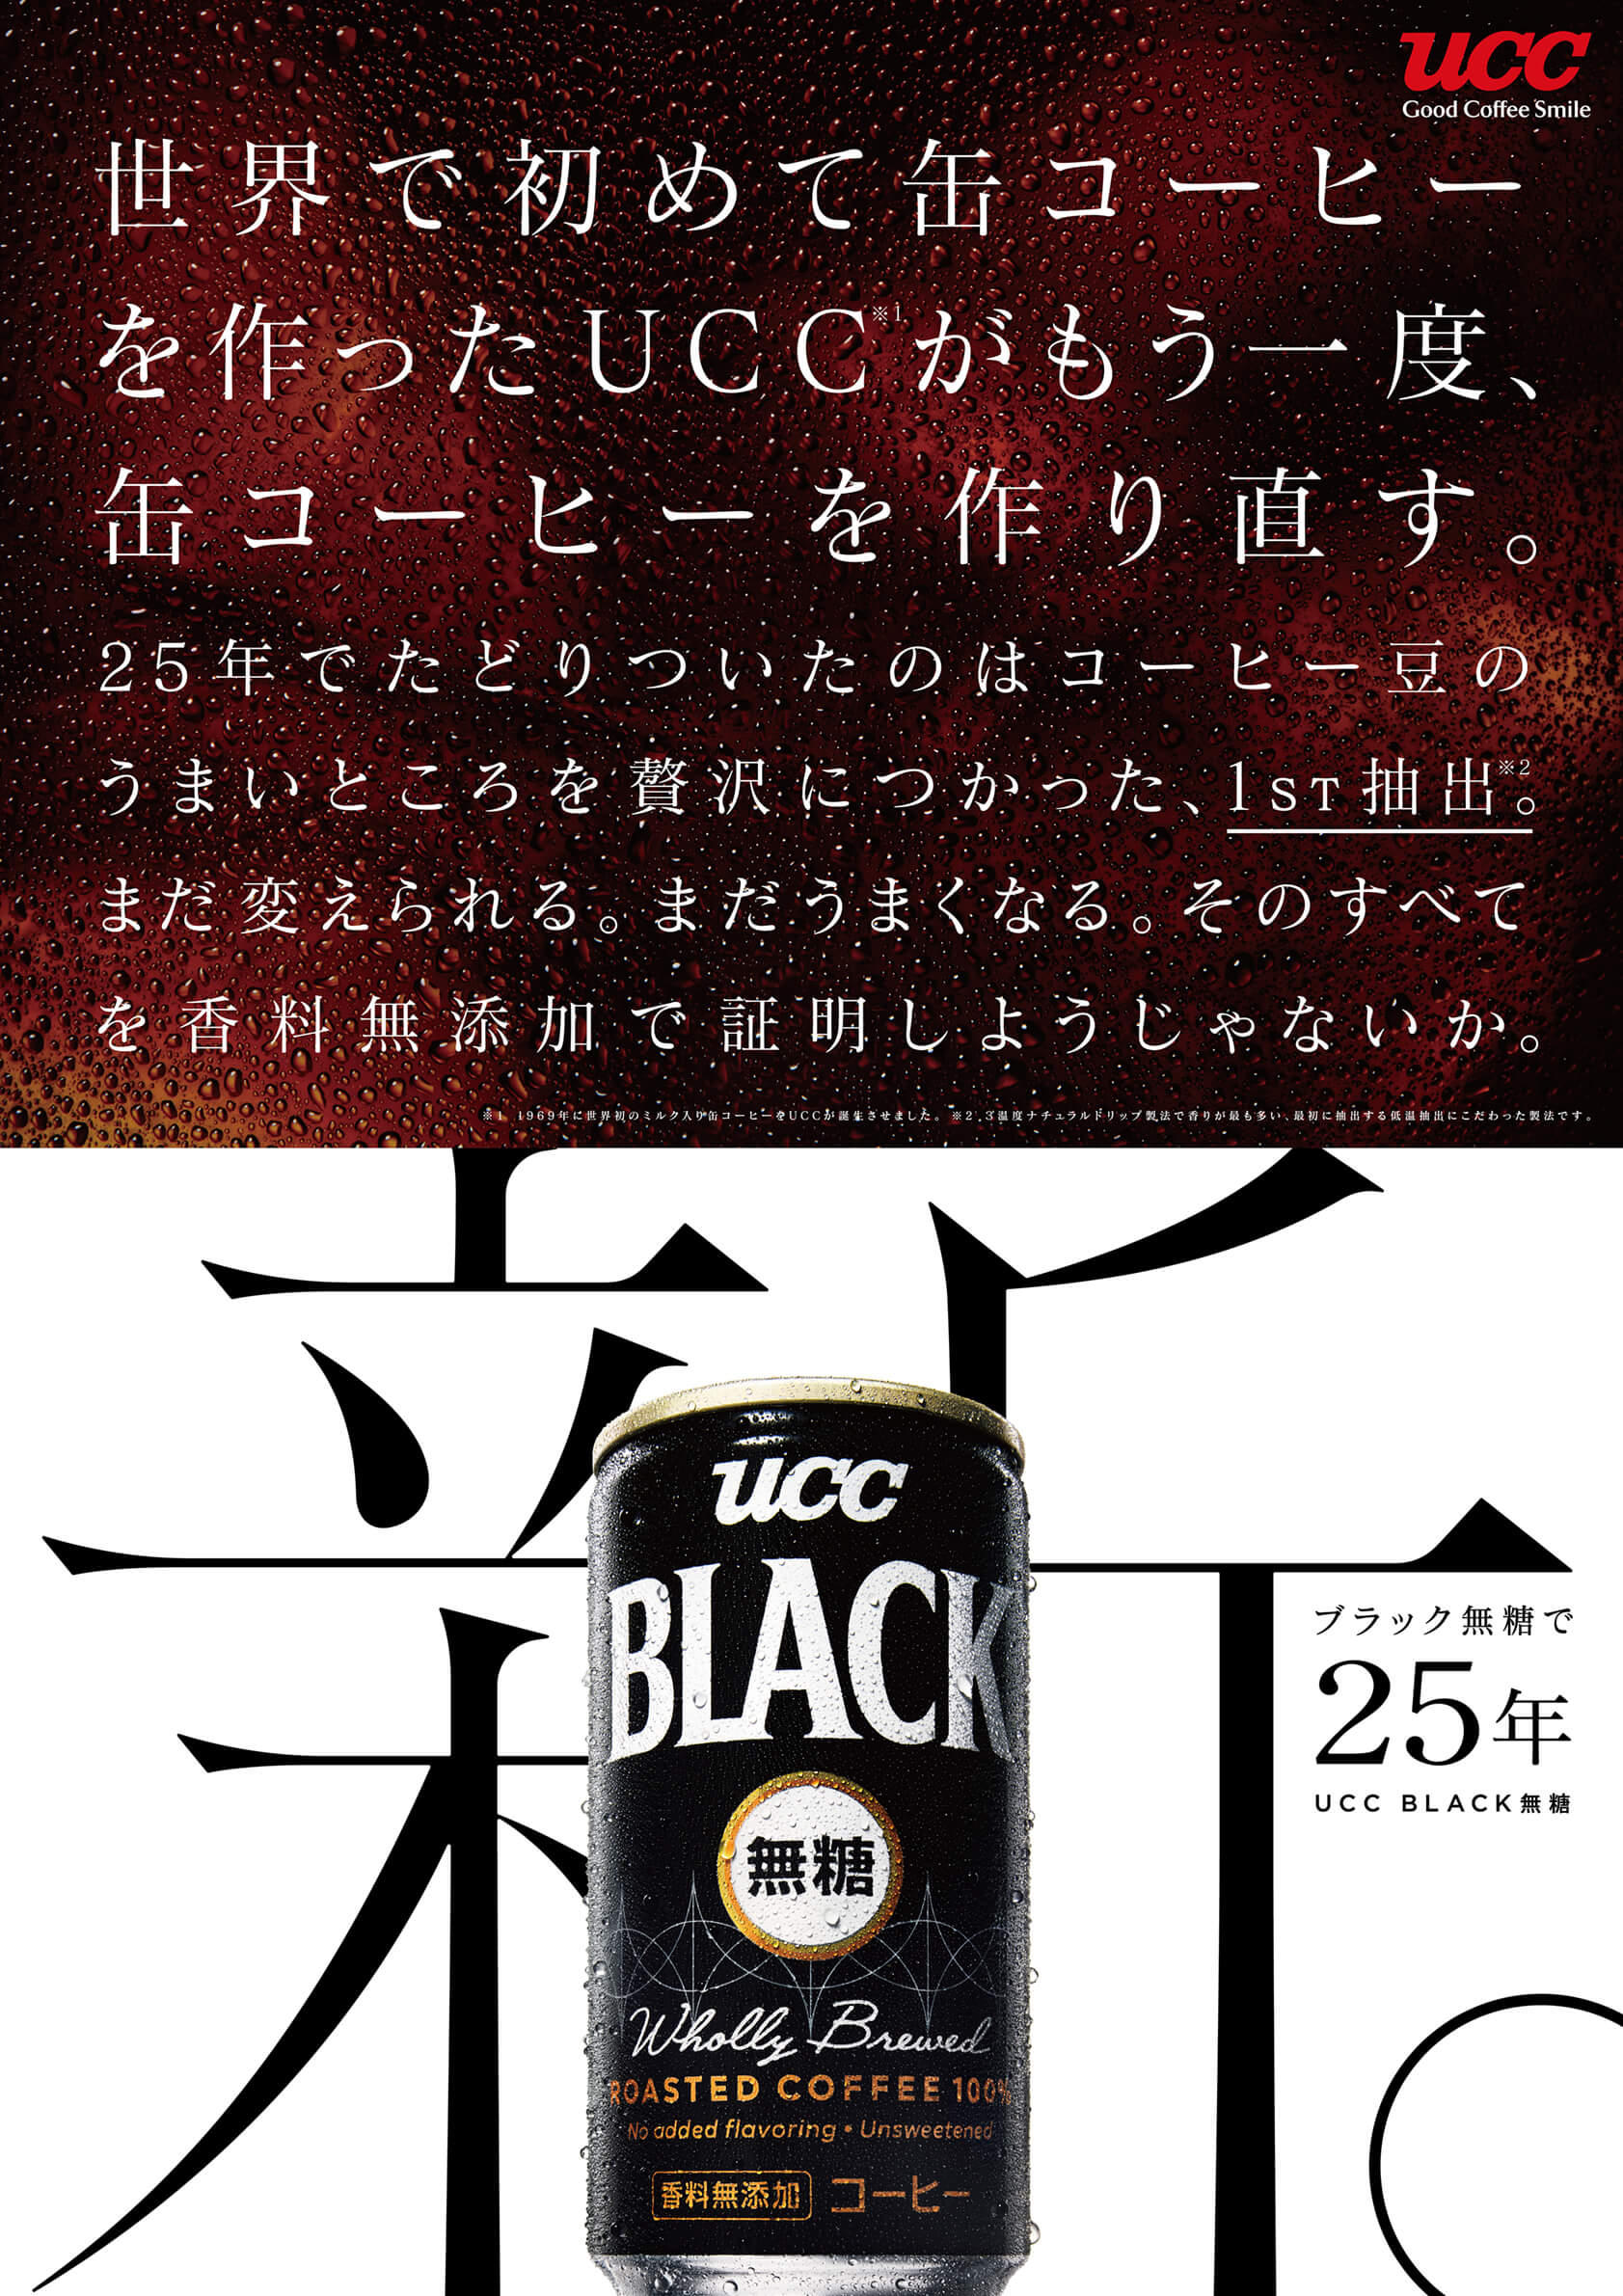 UCC上島珈琲株式会社 2019/05/da24ed80e679a7bbb4e23069723be5cc.jpg